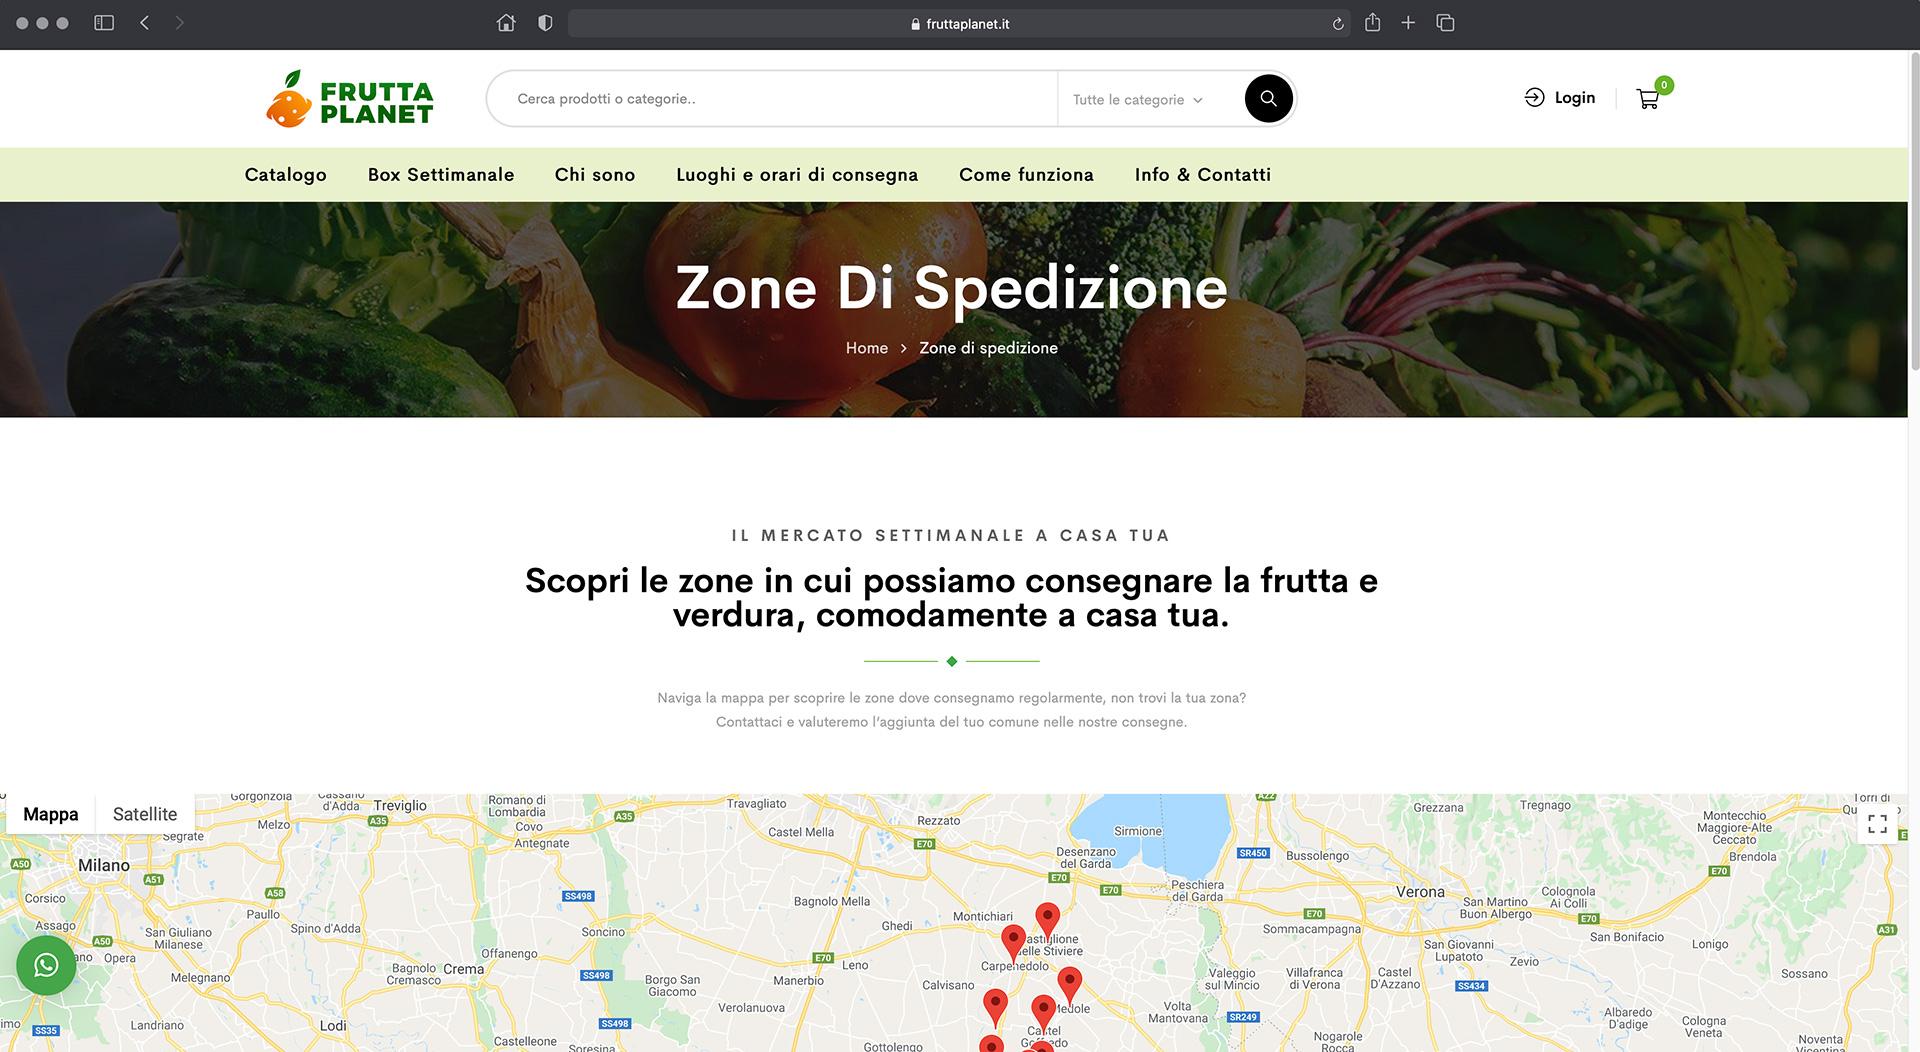 realizzazione-sito-web-ecommerce-fruttivendolo-negozio-frutta-online-brescia-mantova_08